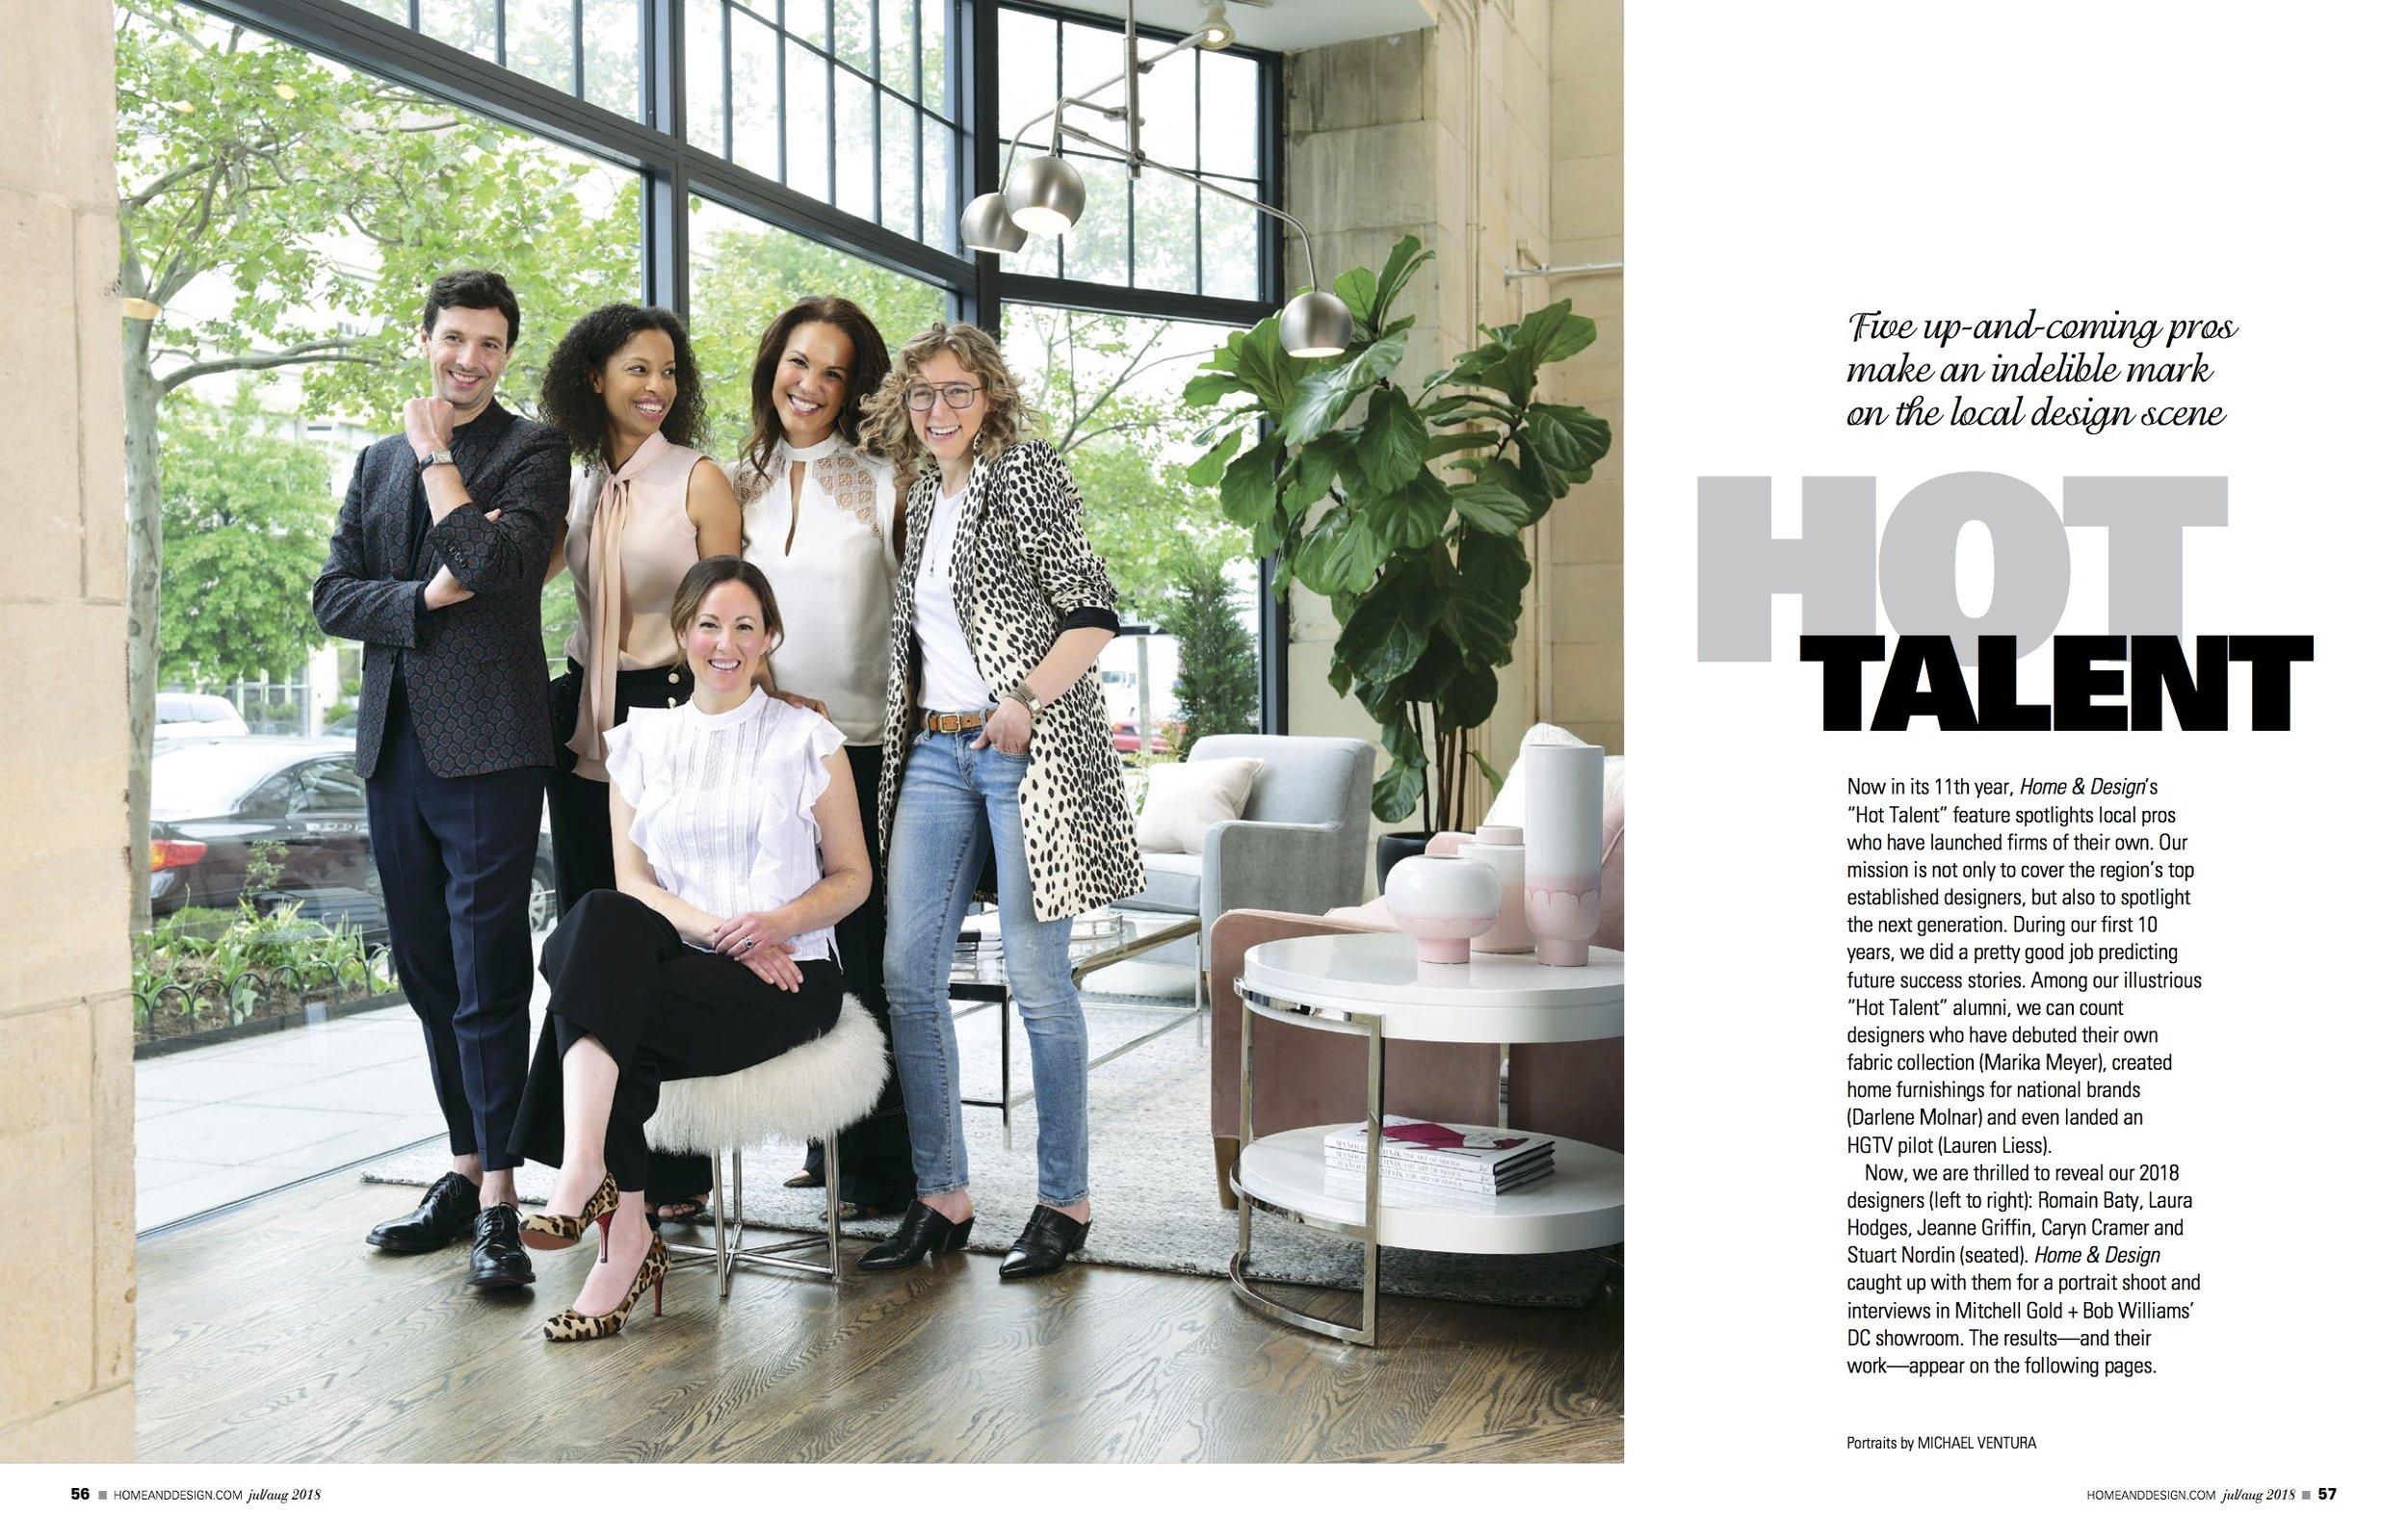 Home & Design Hot Talent .jpg